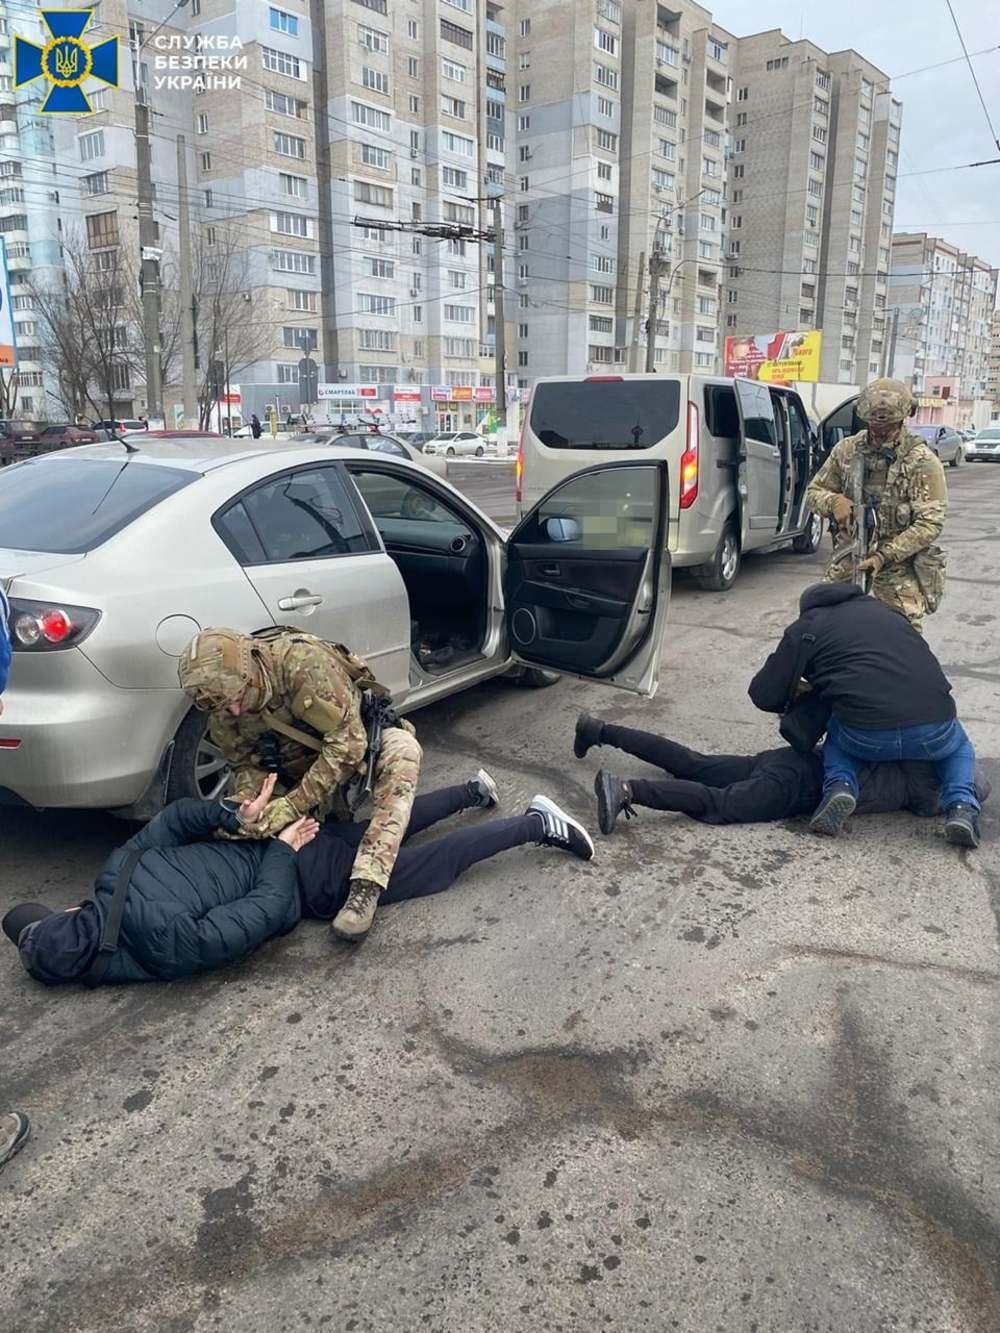 СБУ в Николаеве задержала группировку вымогателей, Задержание группировки вымогателей